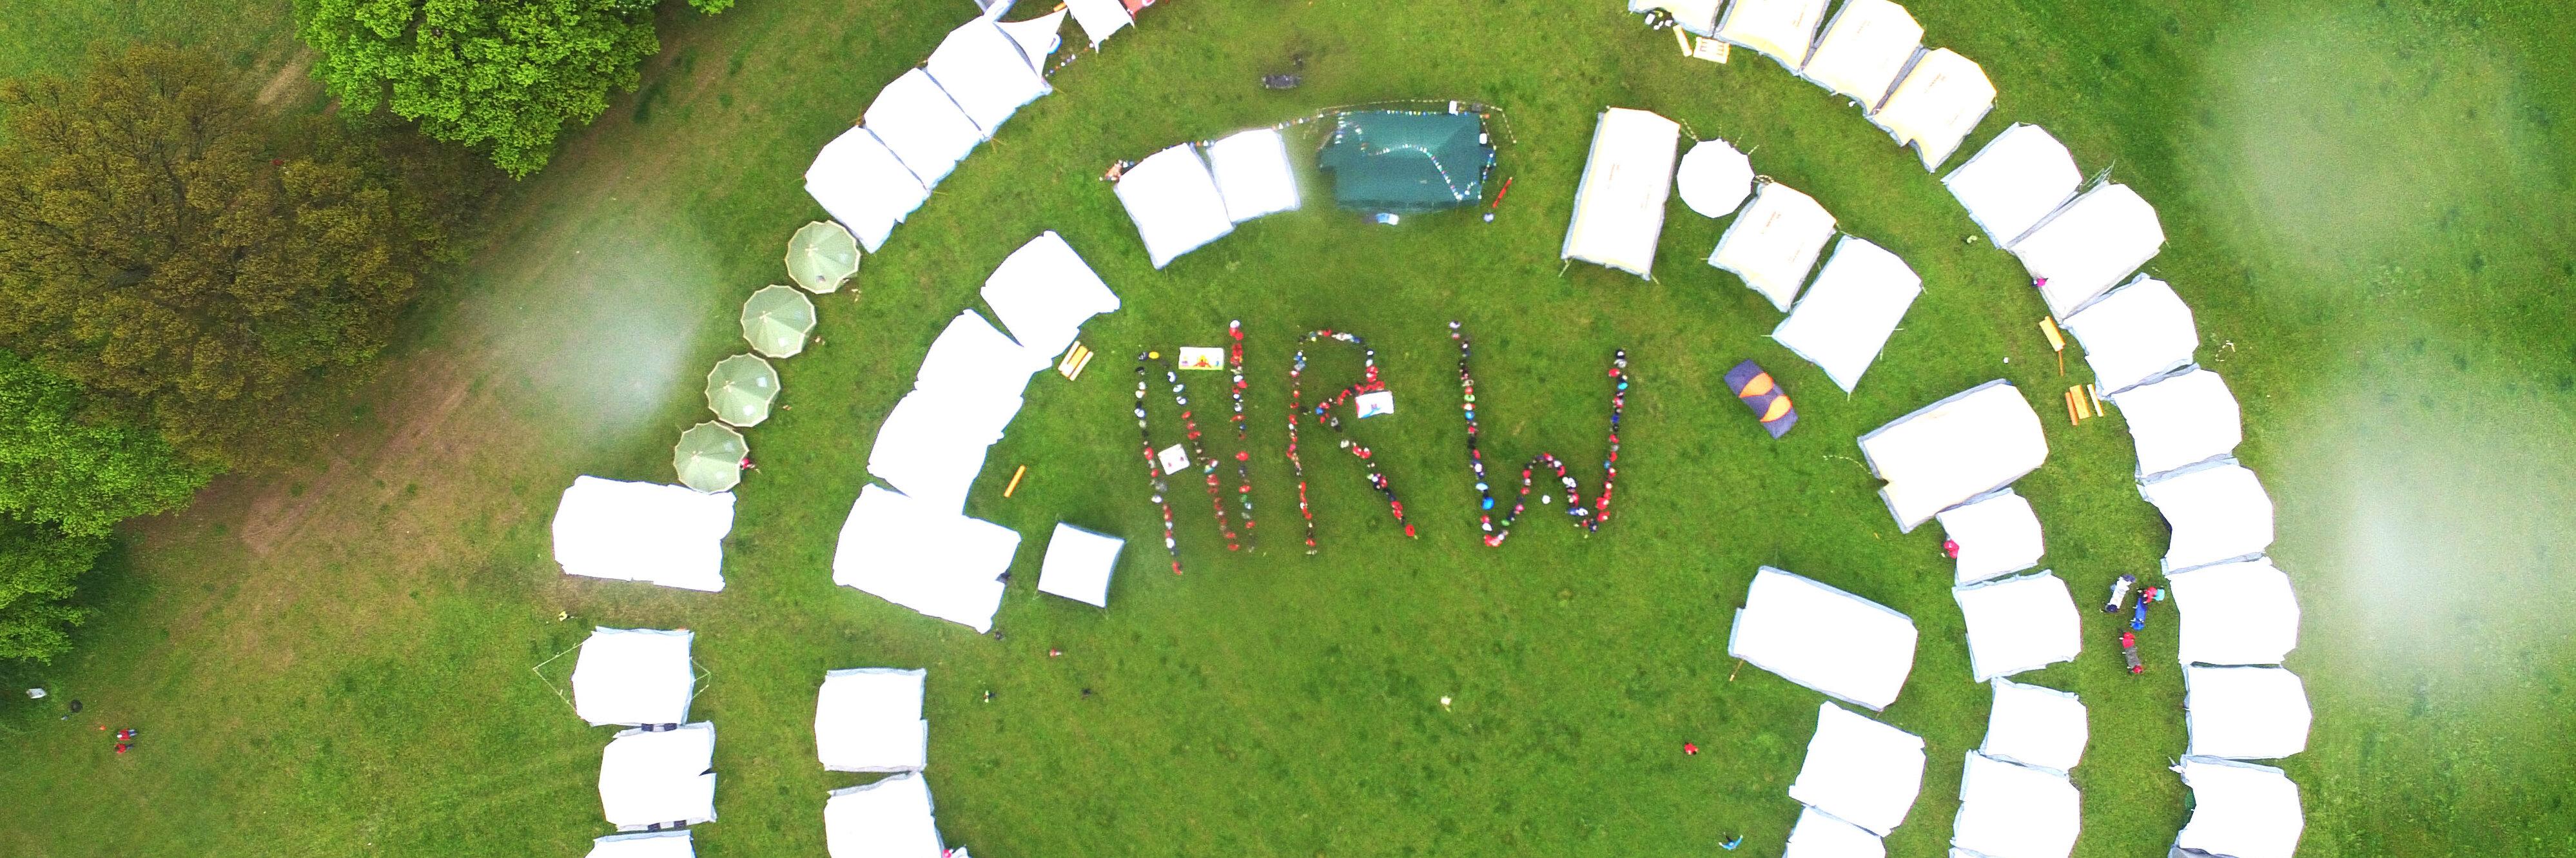 Eine Luftaufnahme von Zelten, die im Kreis angeordnet sind. In der Mitte bilden Menschen die Buchstaben N R W.